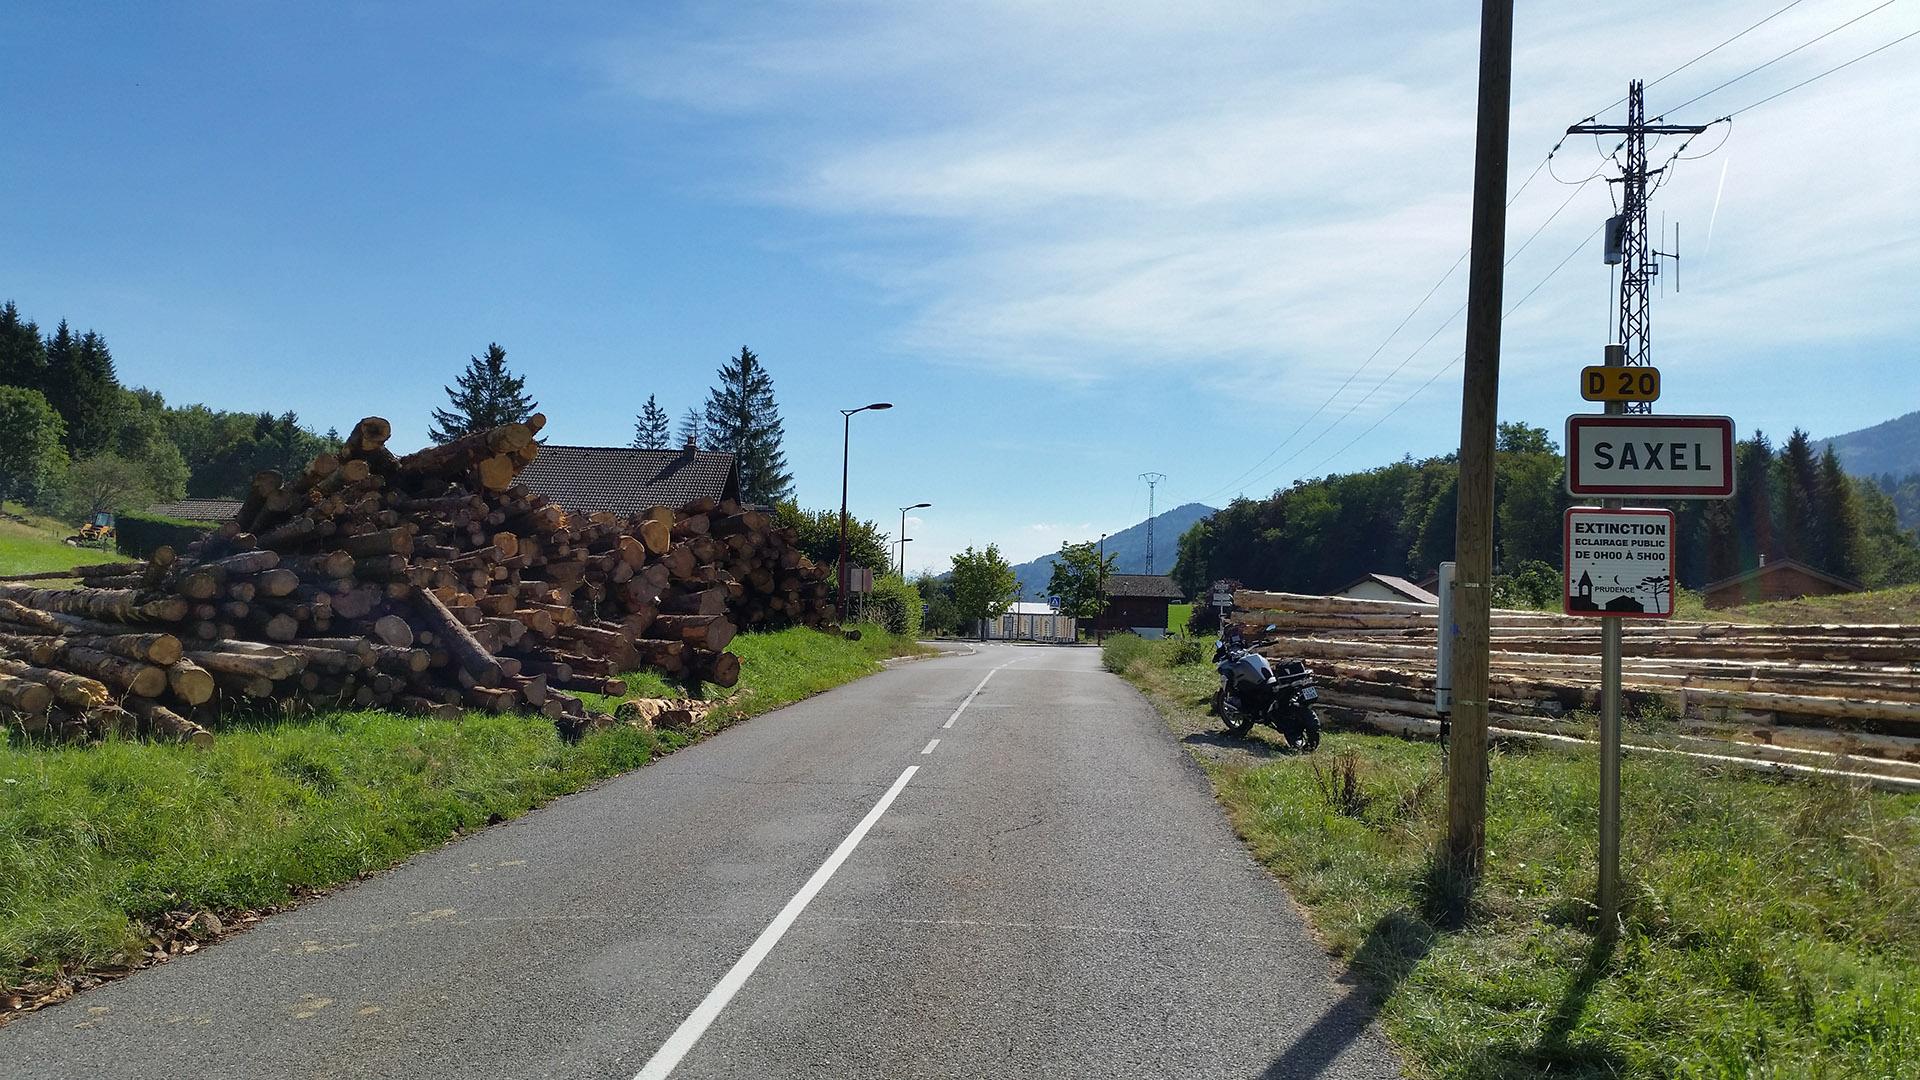 0948 - F - Col de Saxel